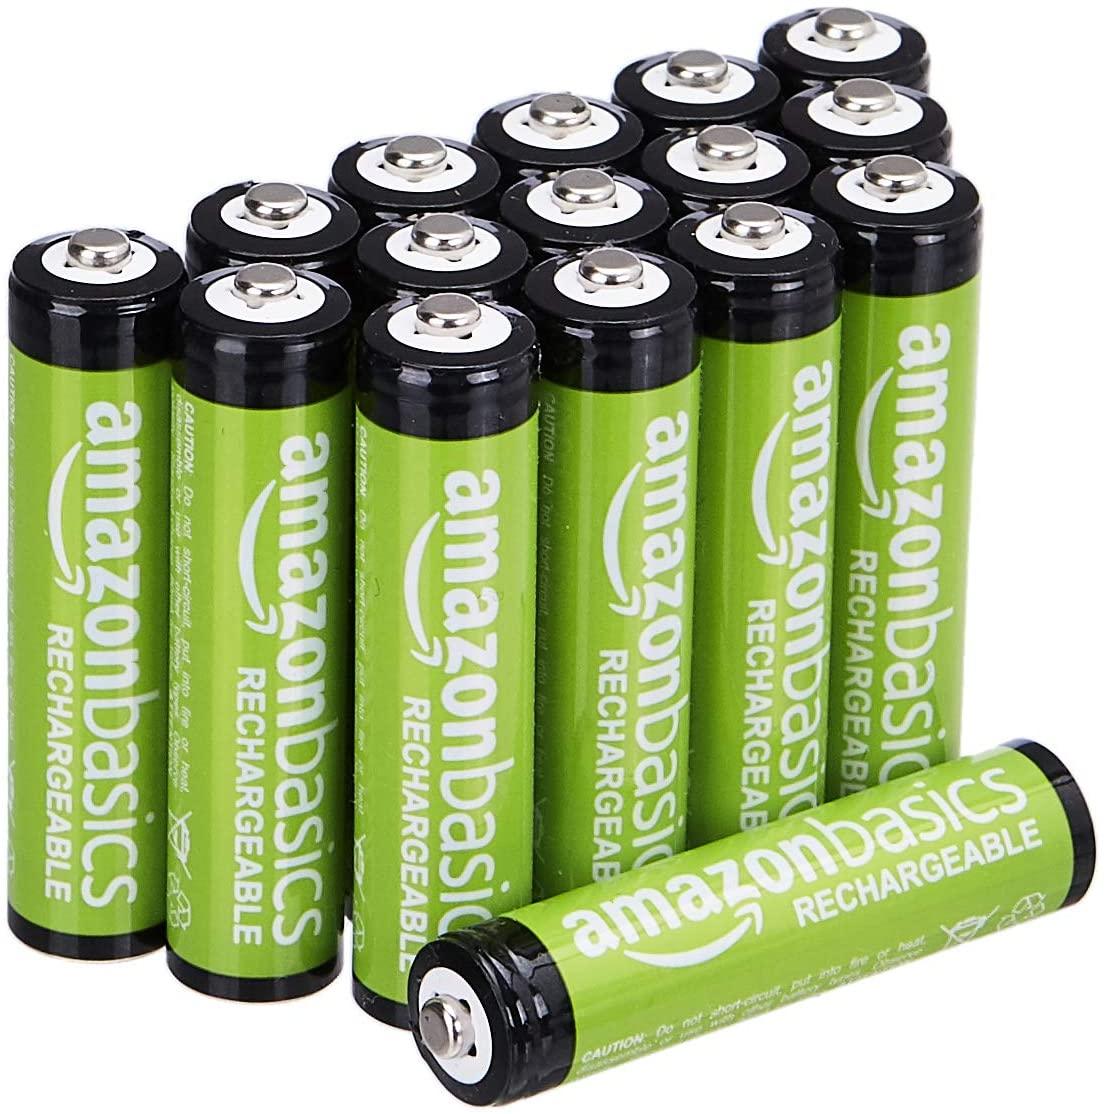 AmazonBasics - Batterie ricaricabili AAA (confezione da 16), 800 mAh, pre-caricate